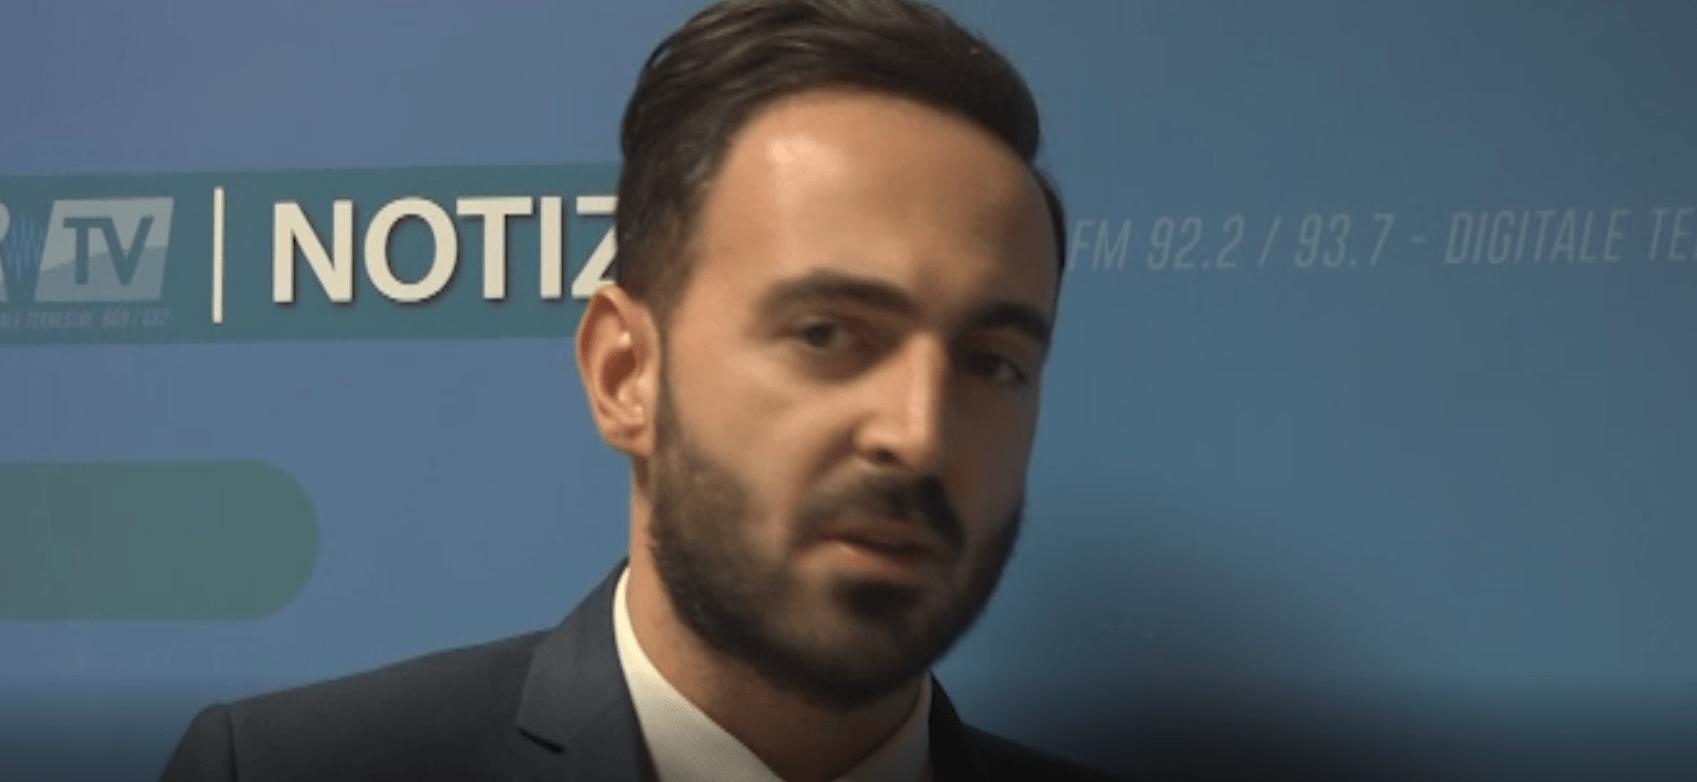 """Franci (M5s) a Siena Tv su voto politiche: """"Gli altri non hanno saputo raccogliere le istanze dei cittadini"""""""